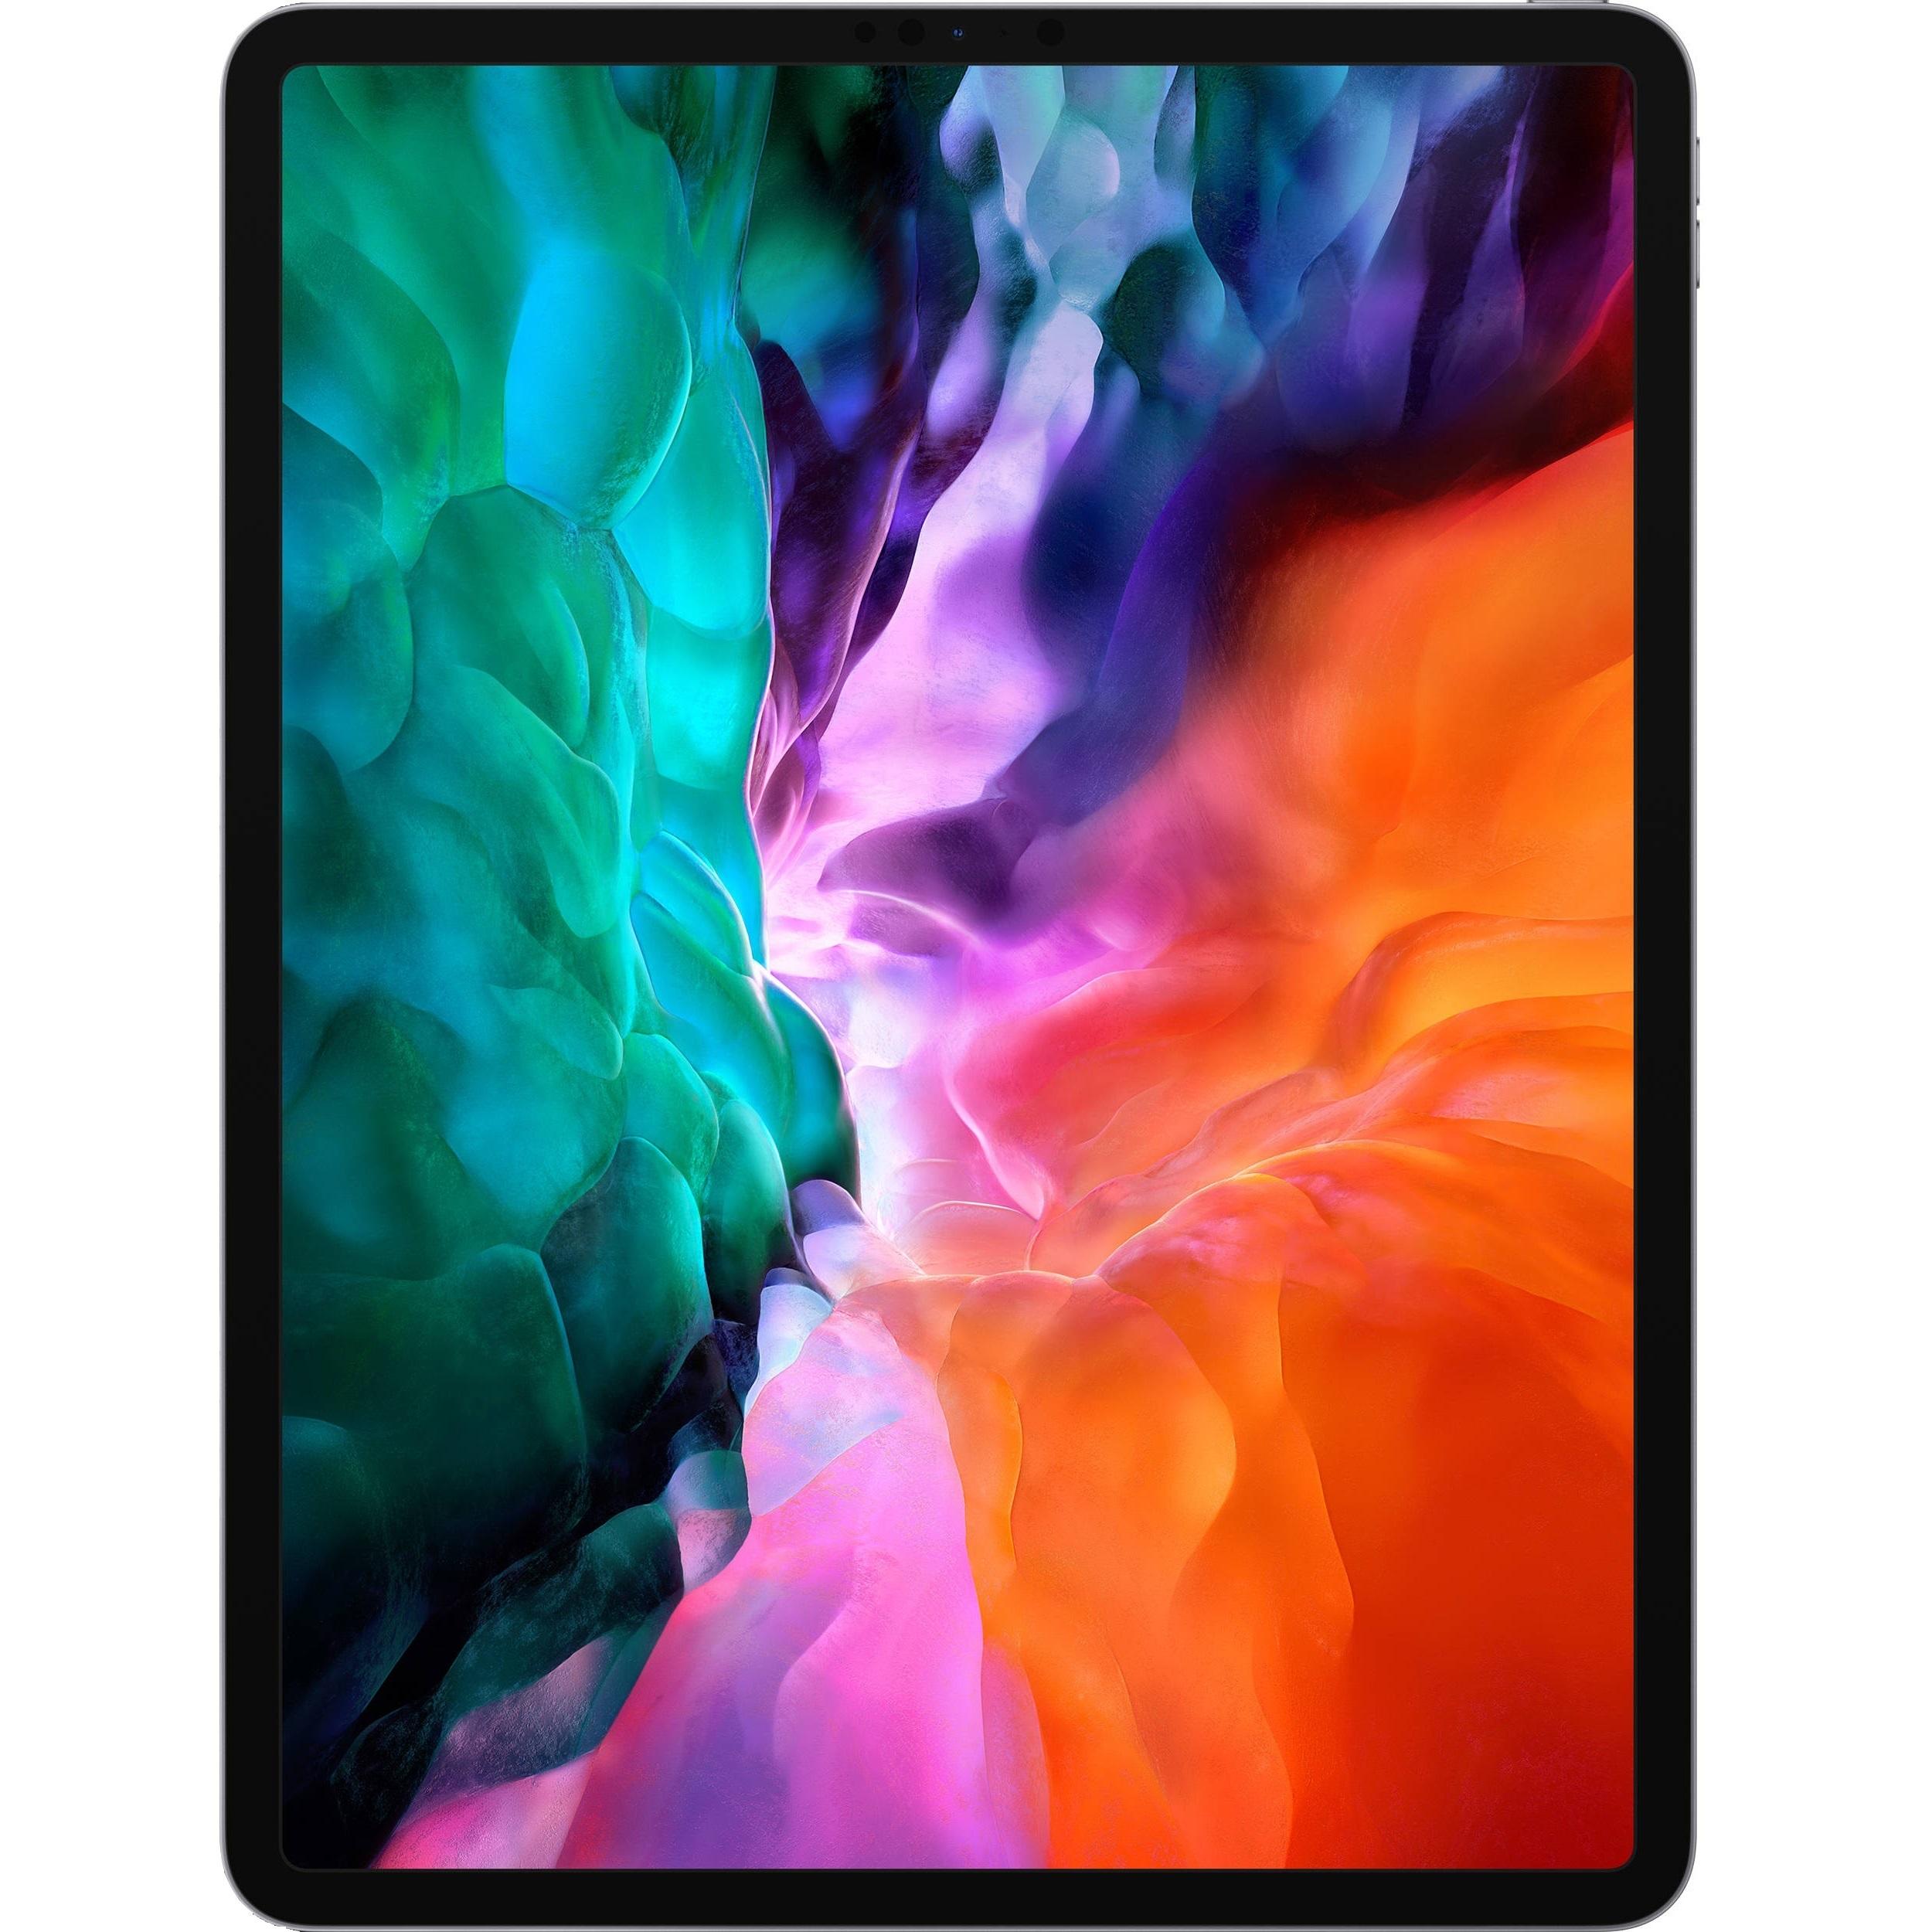 تبلت اپل مدل iPad Pro 2020 12.9 inch WiFi ظرفیت 128 گیگابایت